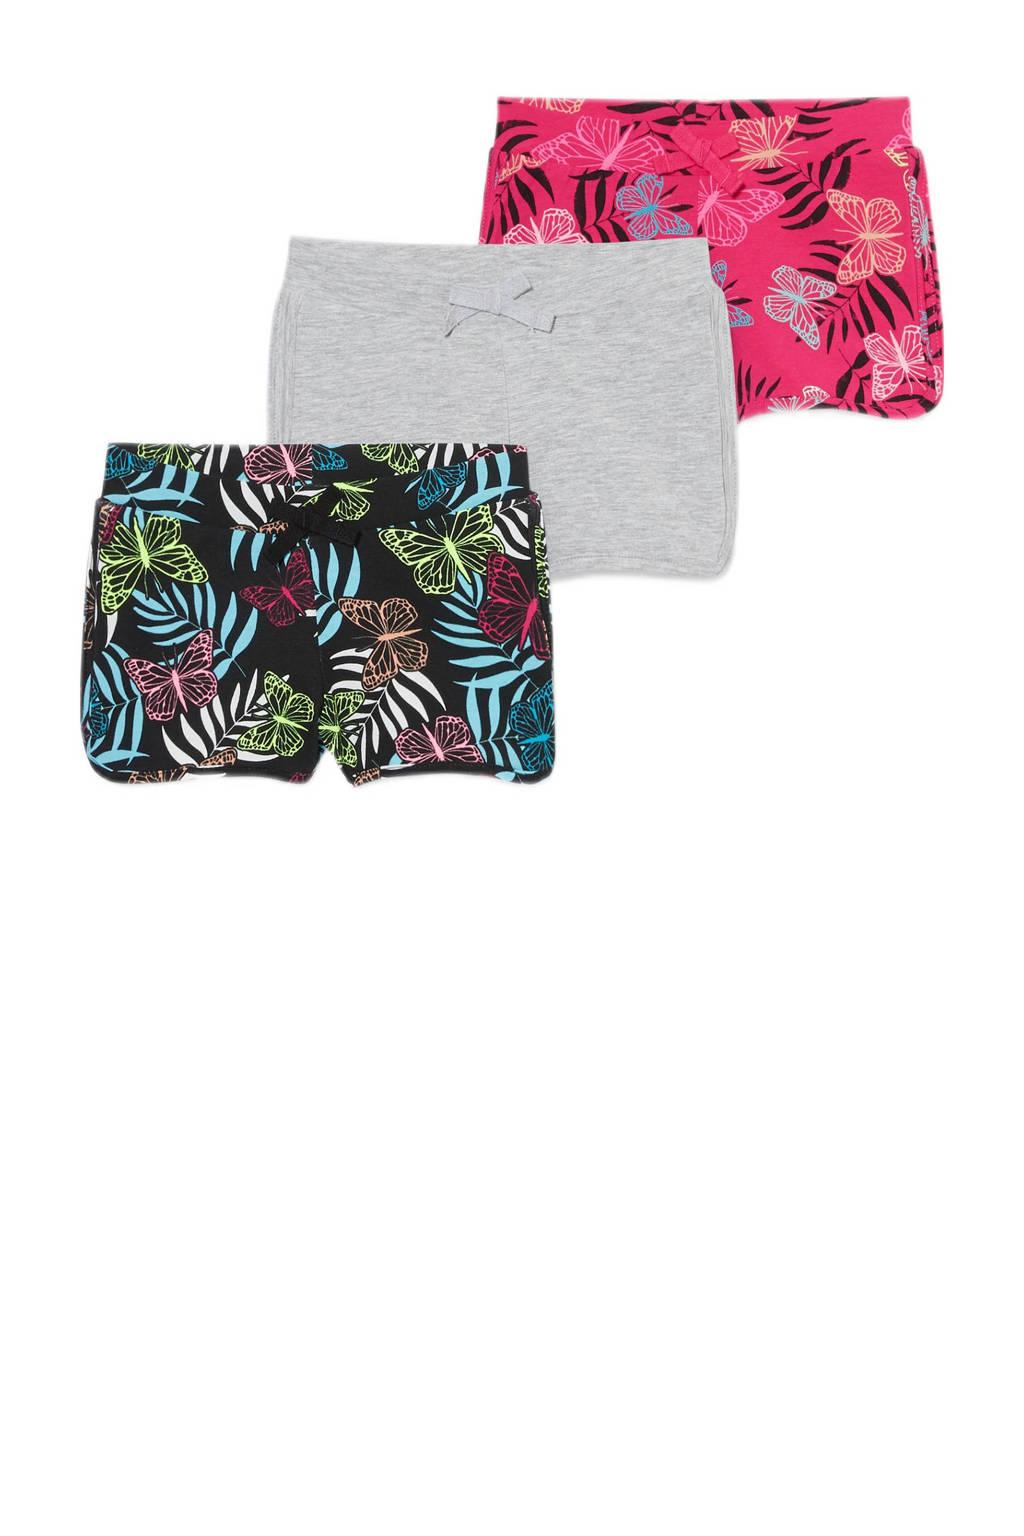 C&A Palomino korte broek - set van 3 zwart/grijs/roze, Grijs/zwart/roze